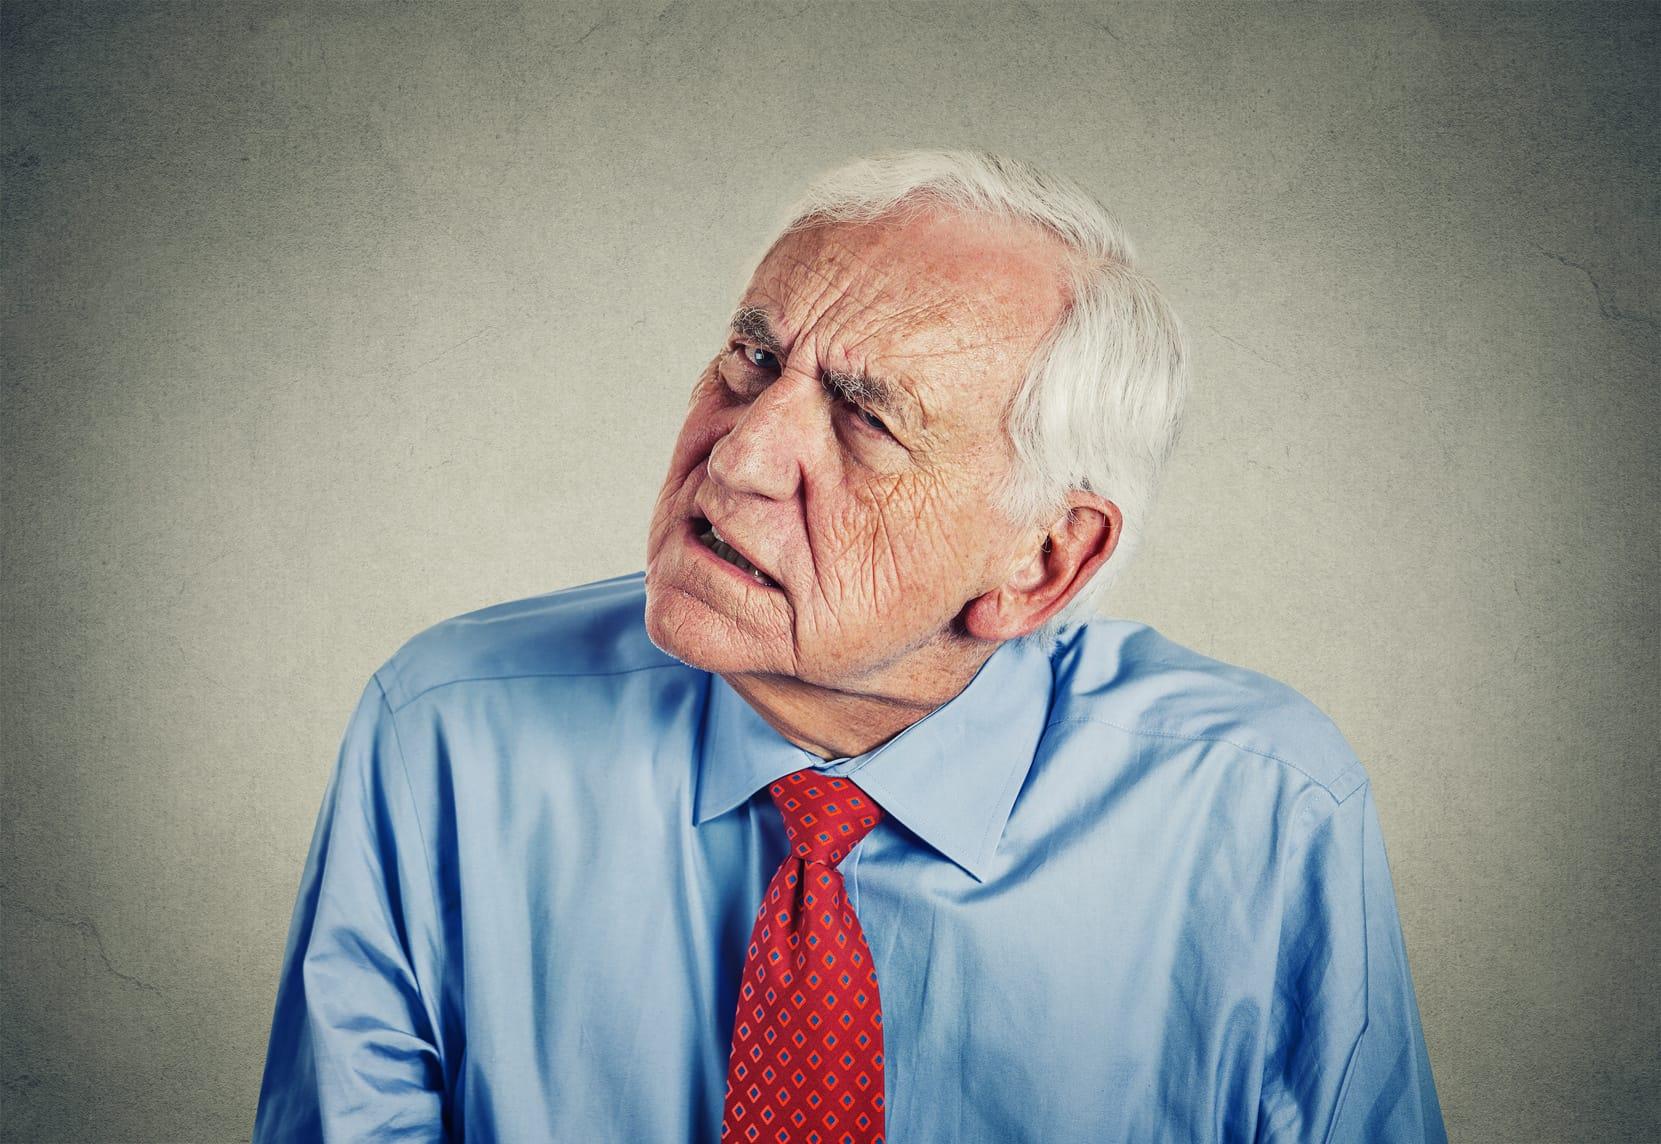 Haben alte Menschen größere Ohren?